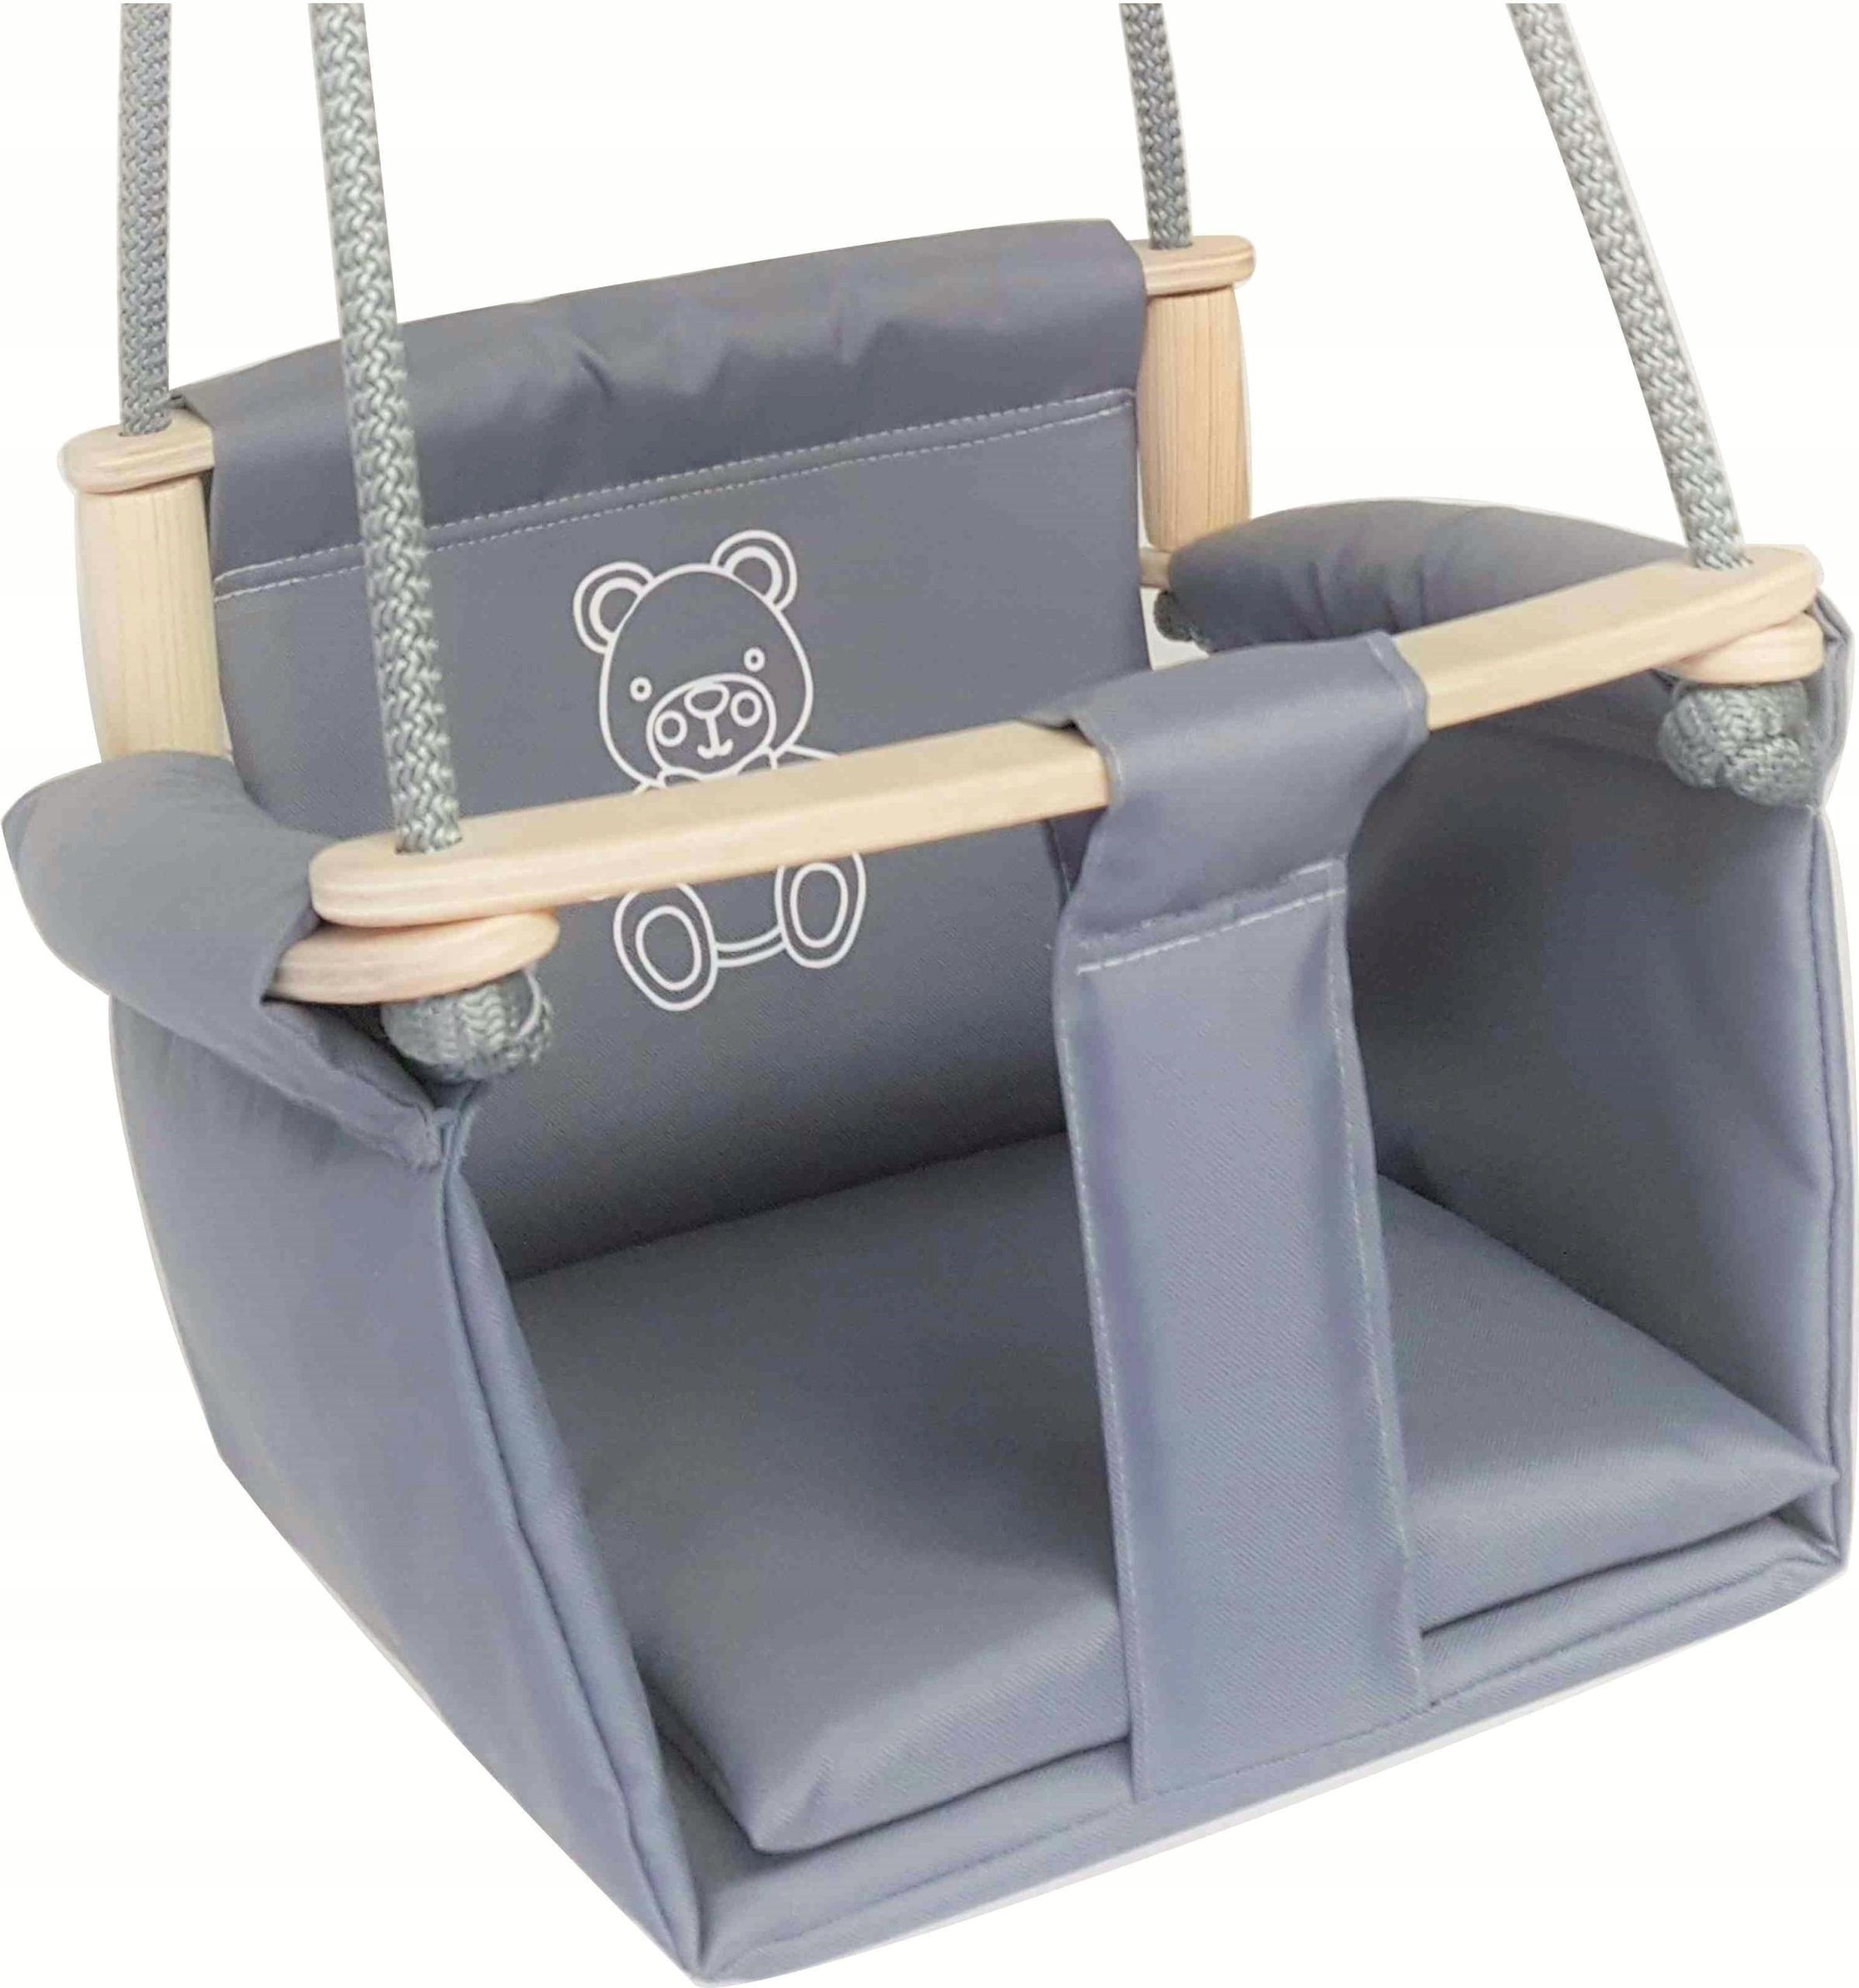 Bucket Swing для персонализации имени вашего ребенка